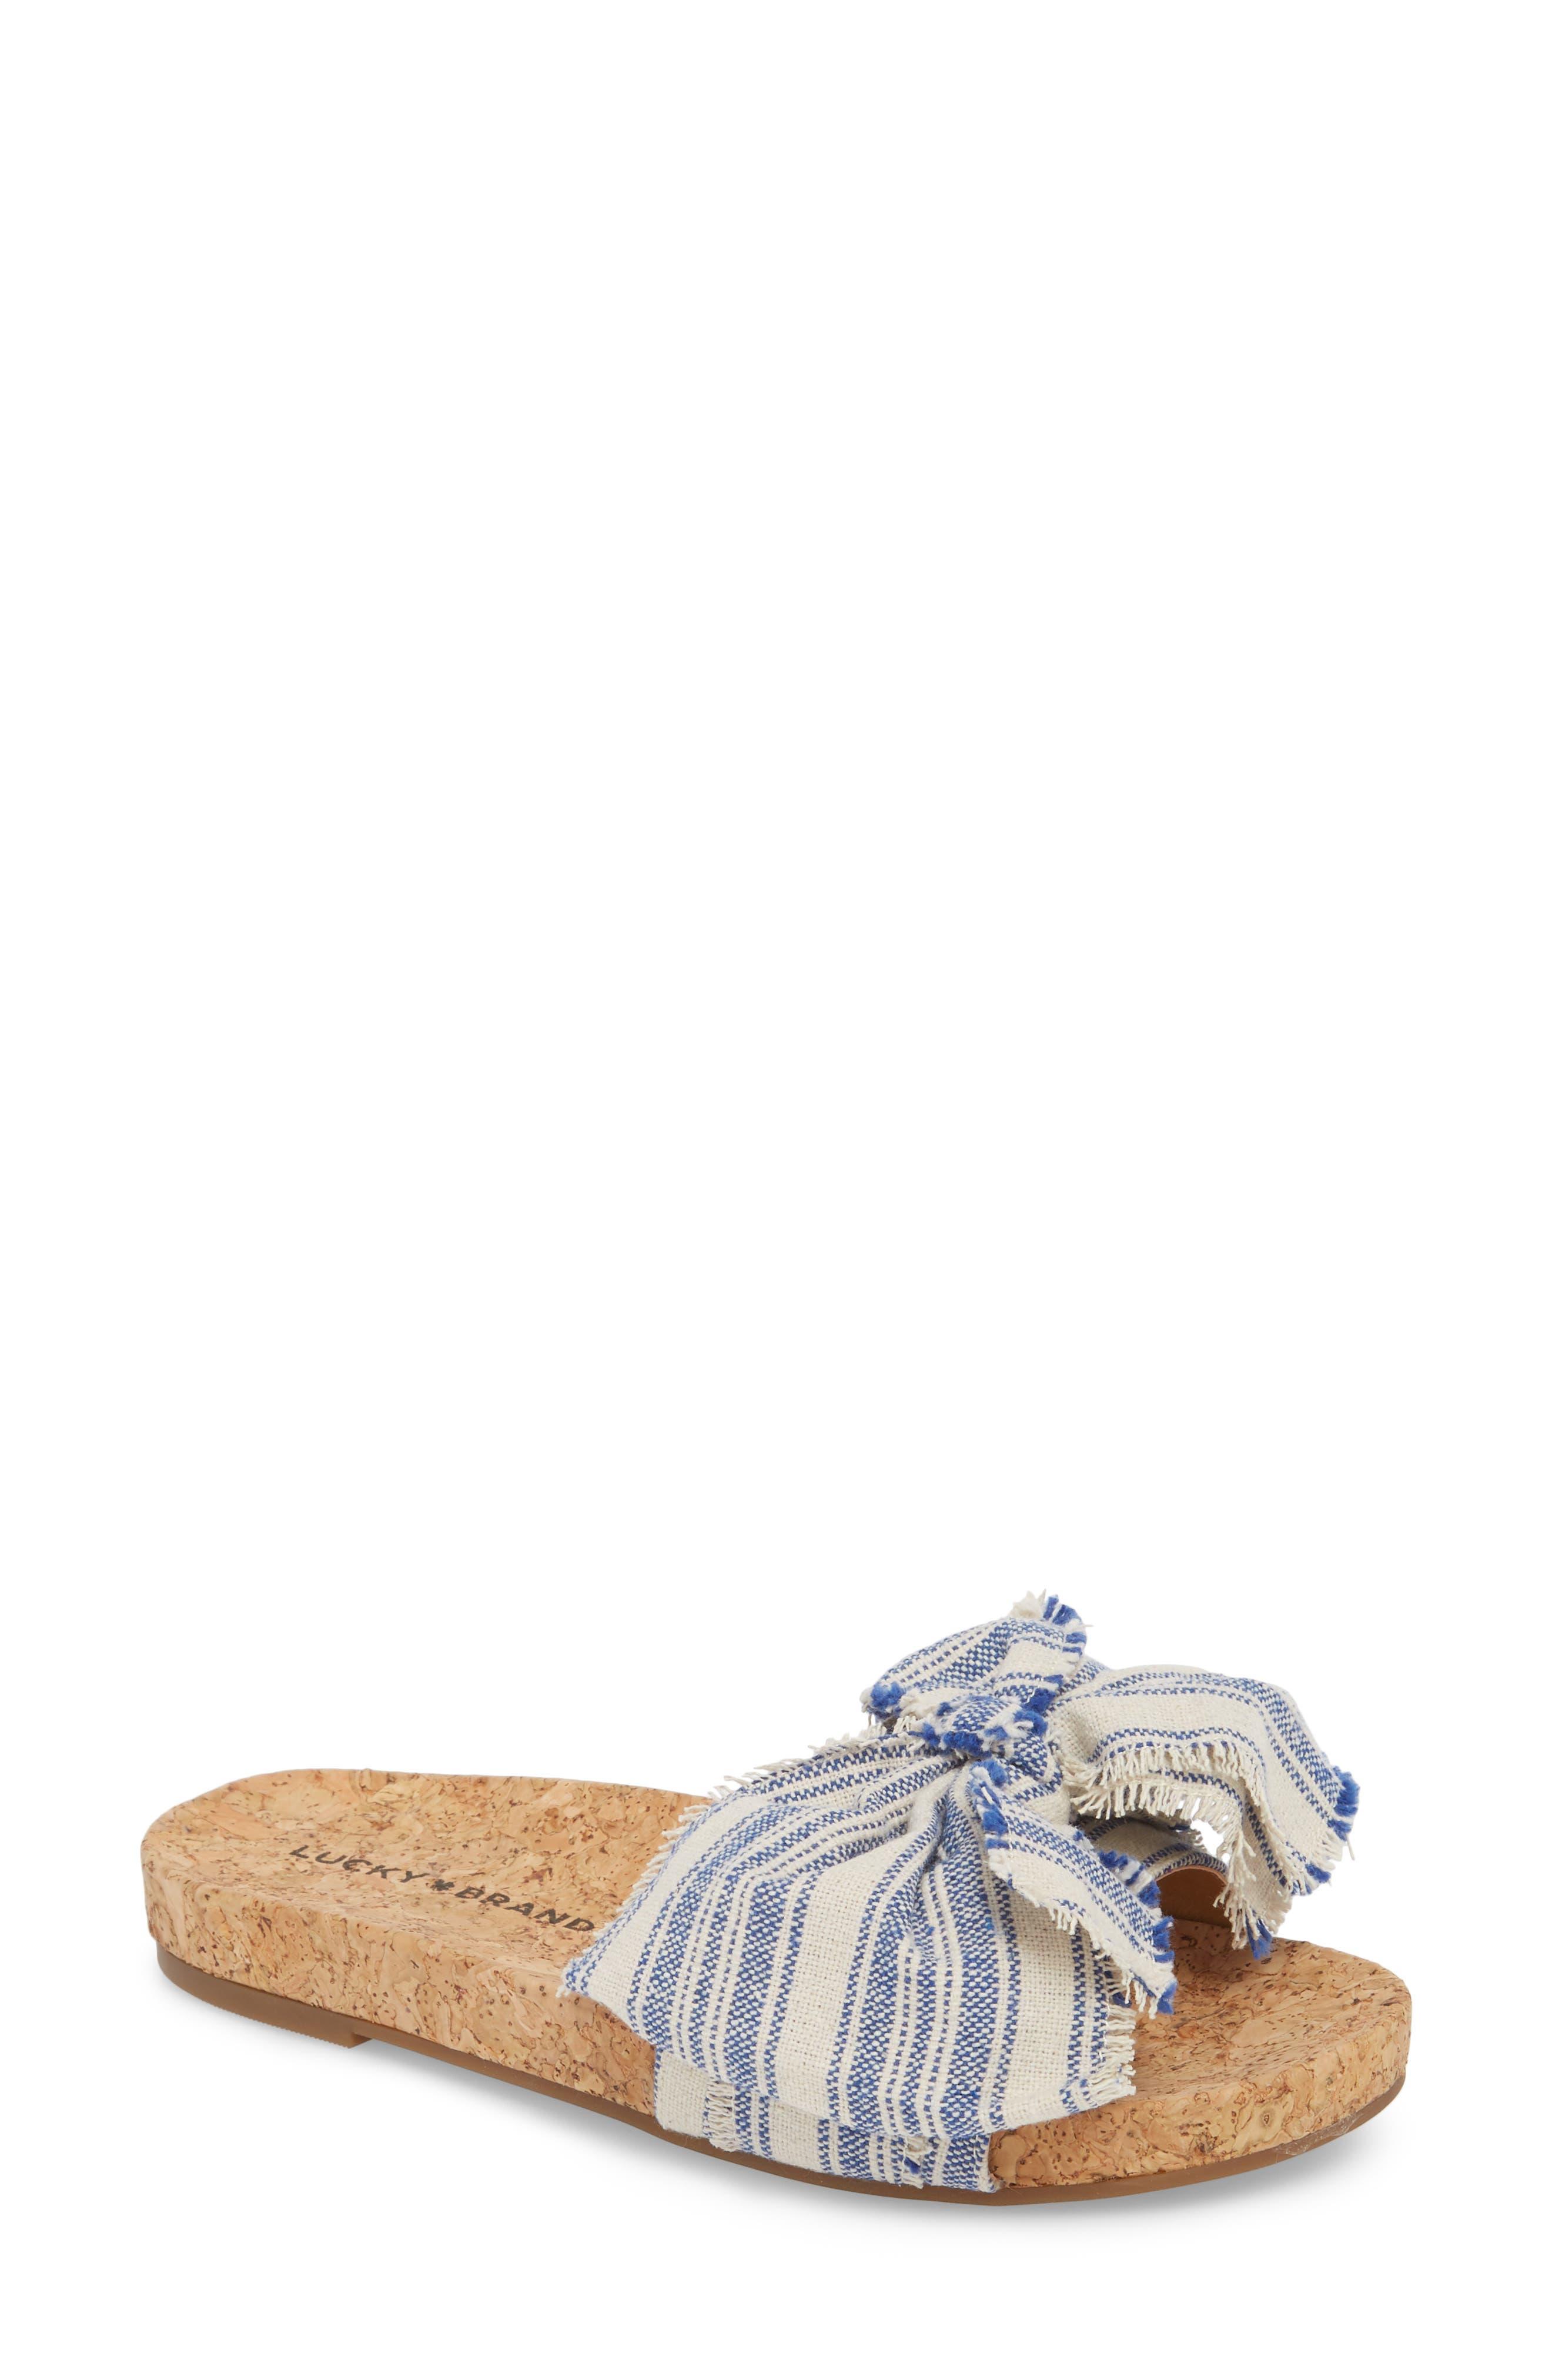 Floella Bow Slide Sandal,                         Main,                         color, Lapis Leather